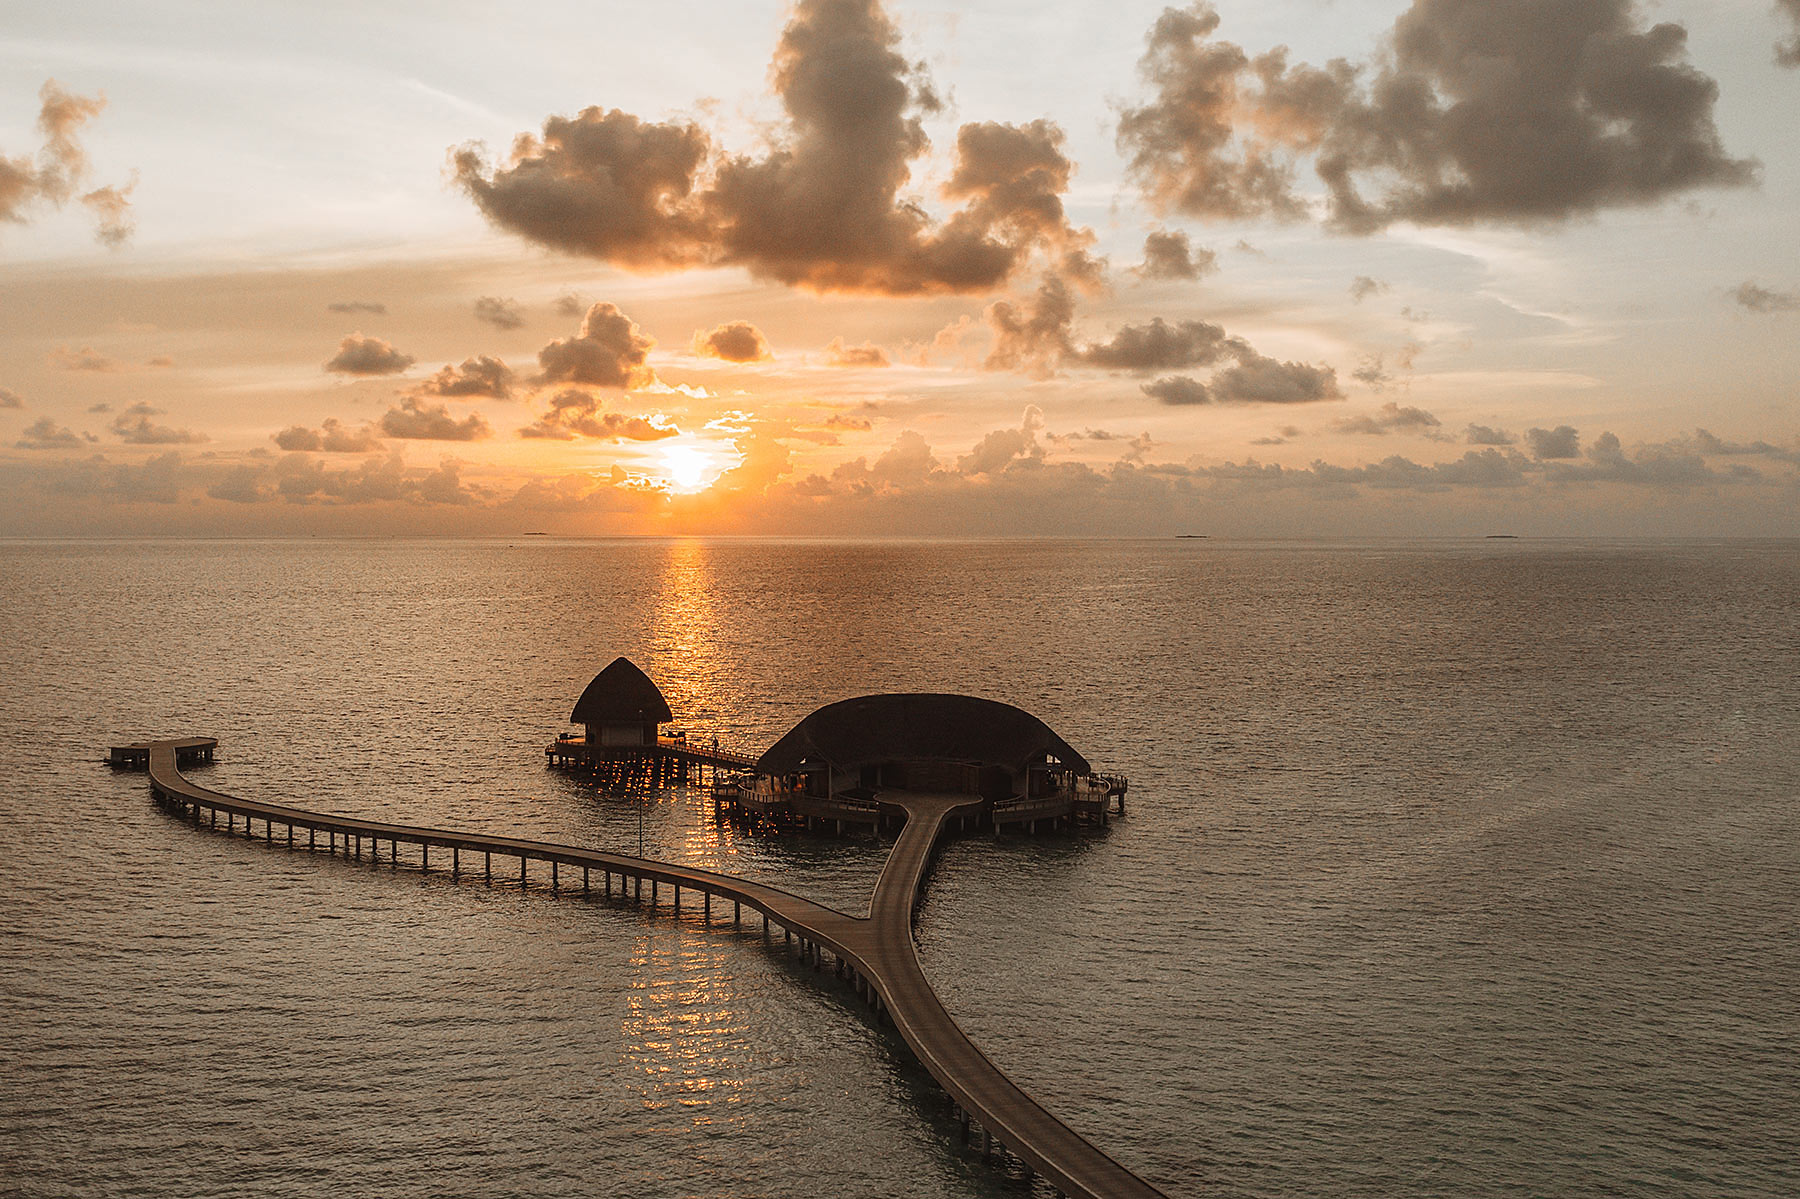 faarufushi maldives sunset view travel blog sunnyinga